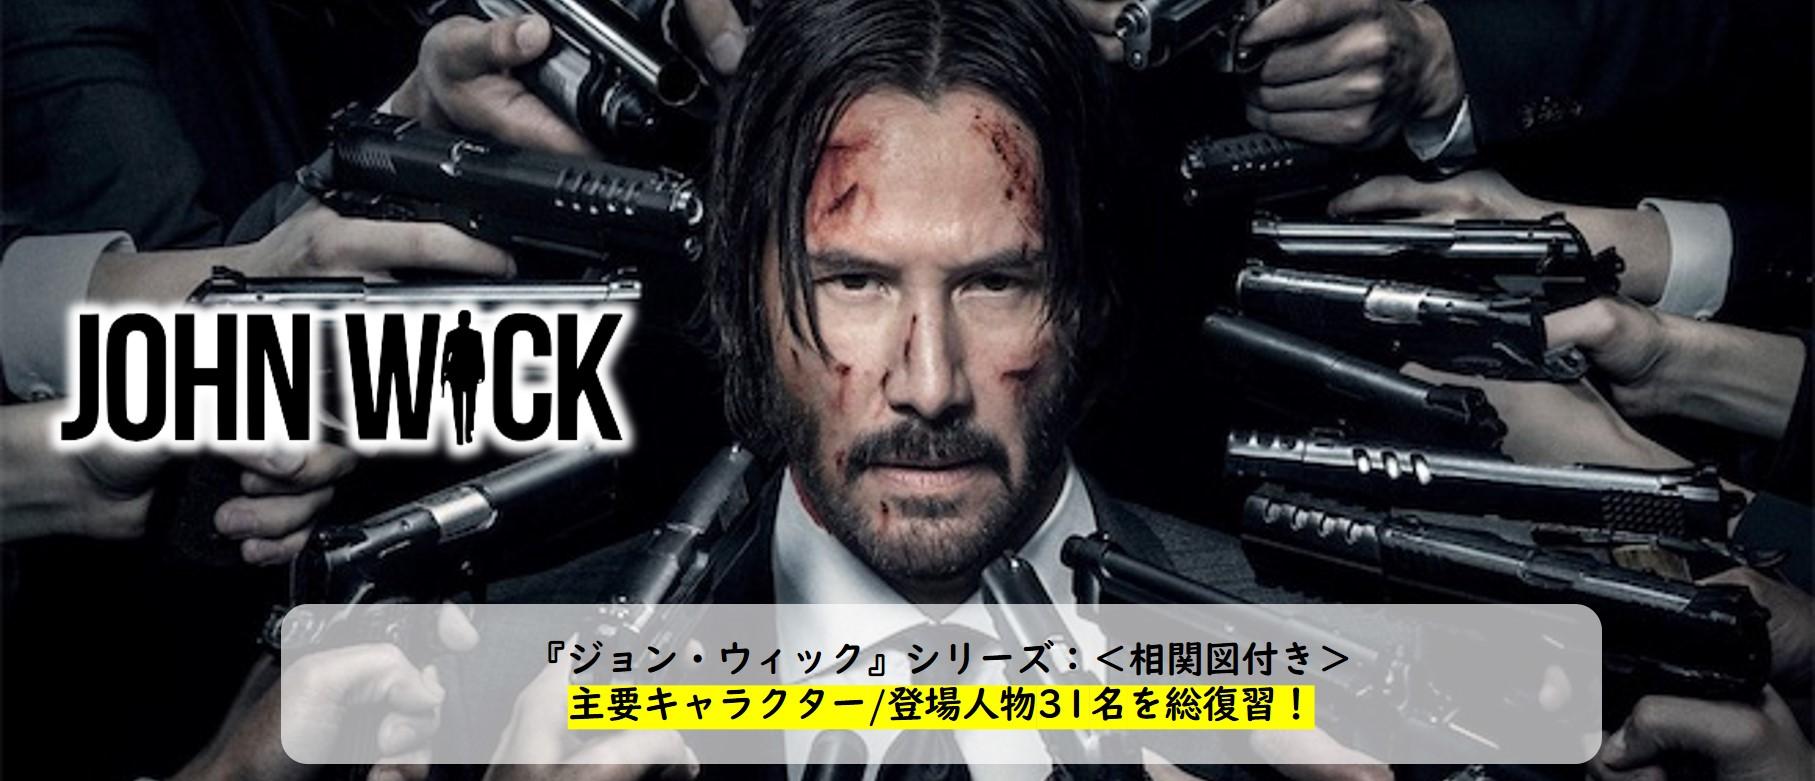 『ジョン・ウィック』シリーズ:<相関図付き>主要キャラクター+登場人物31名を総復習_TOP